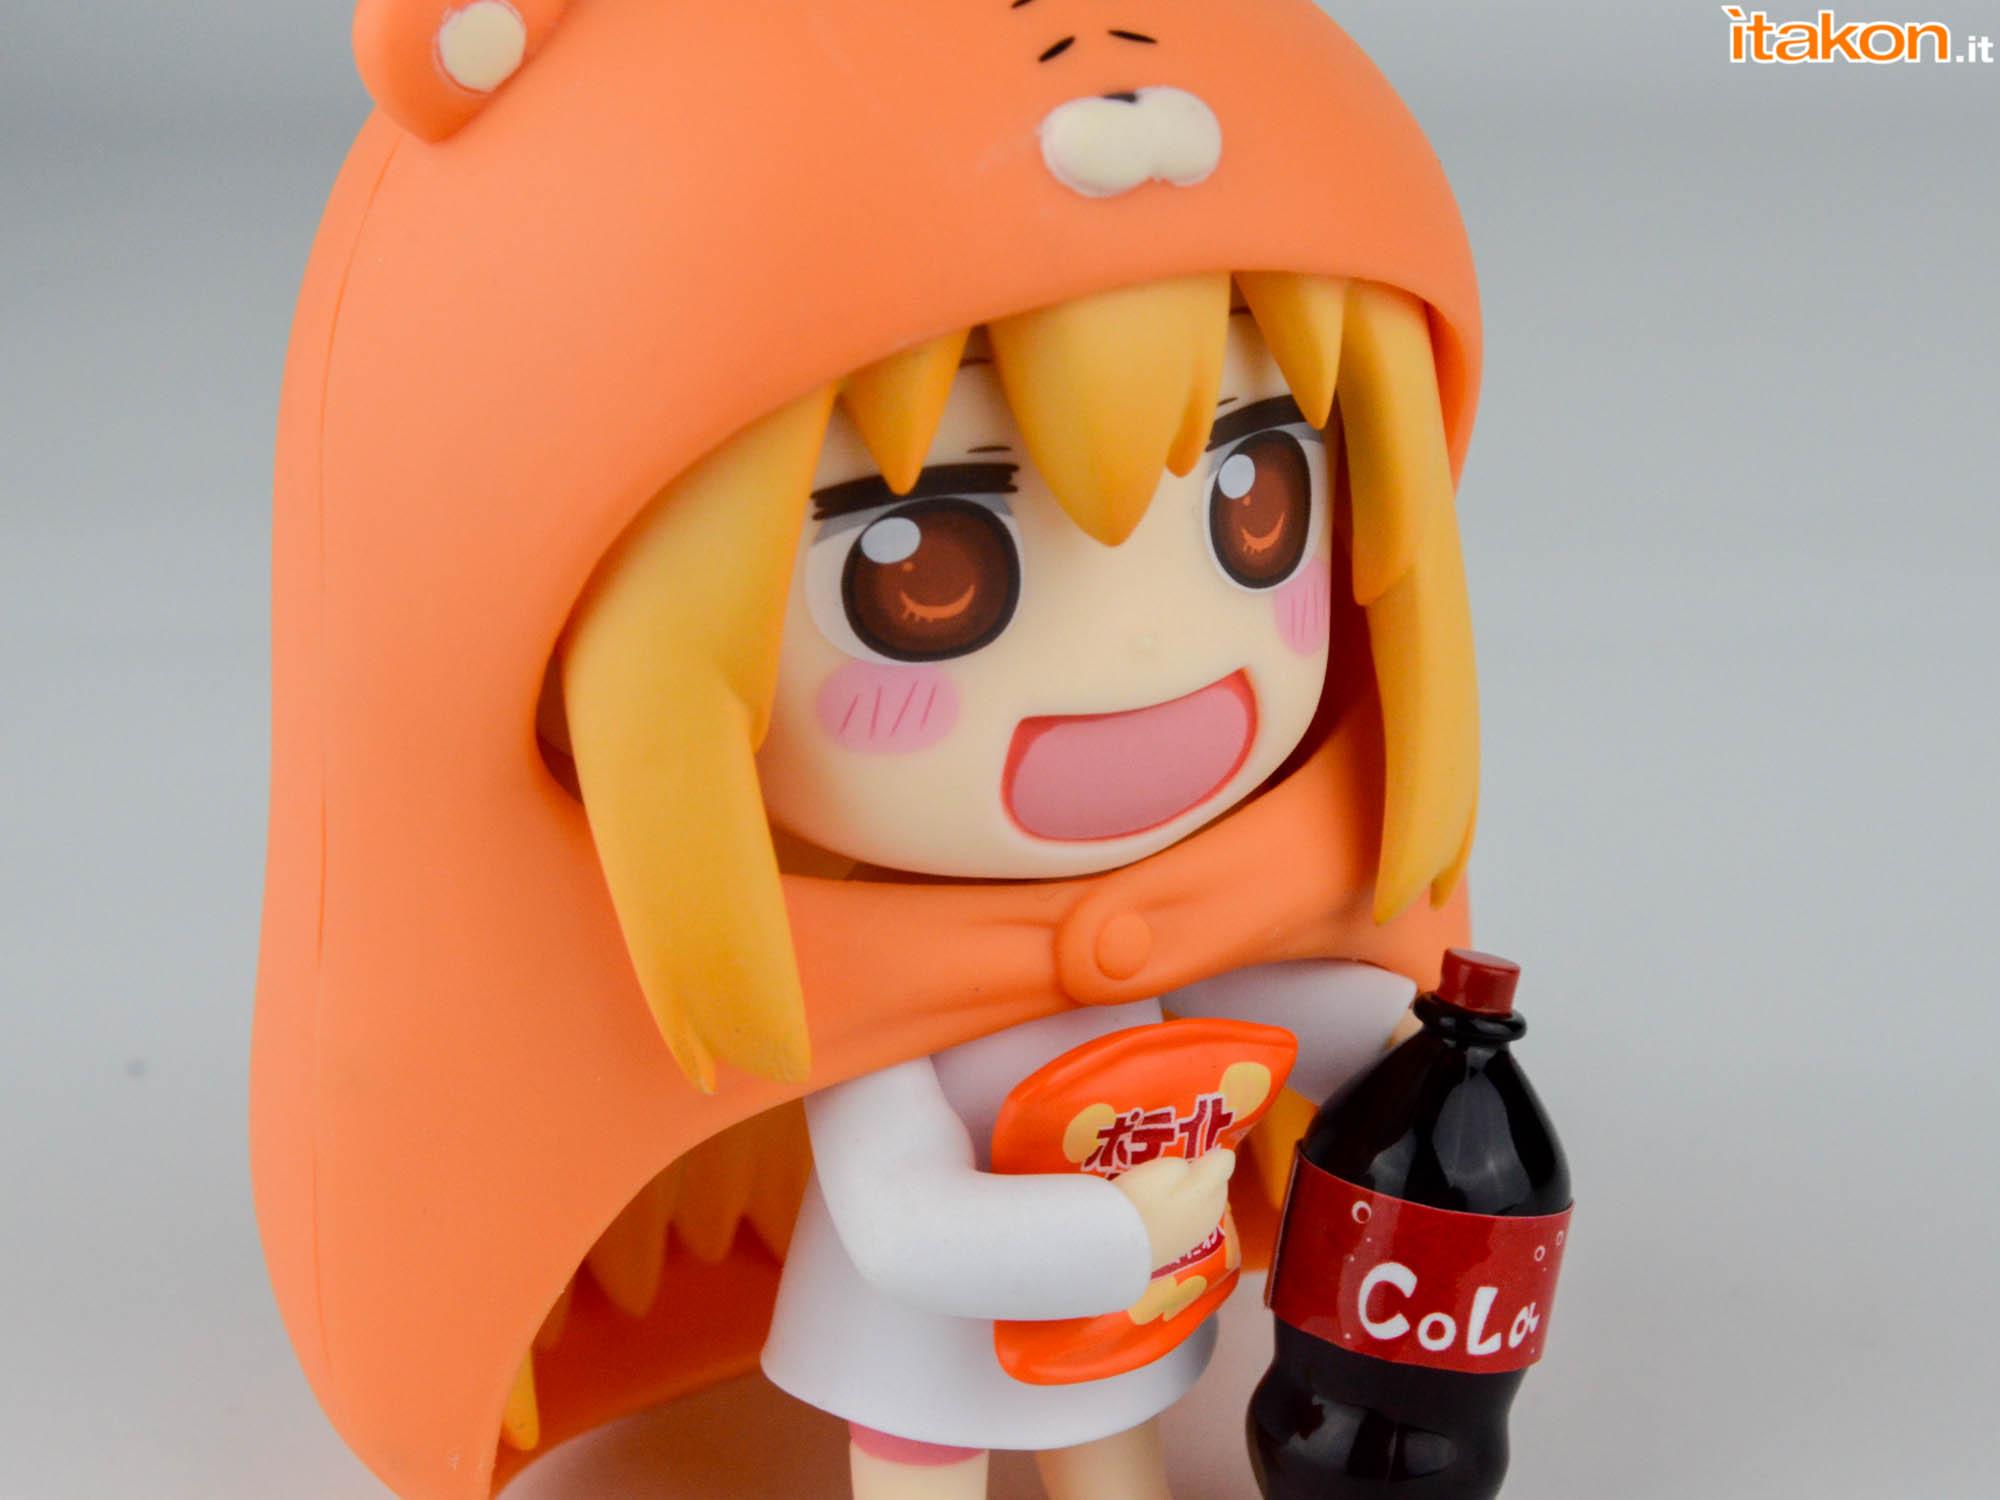 Umaru_Nendoroid_GSC_524_review-43